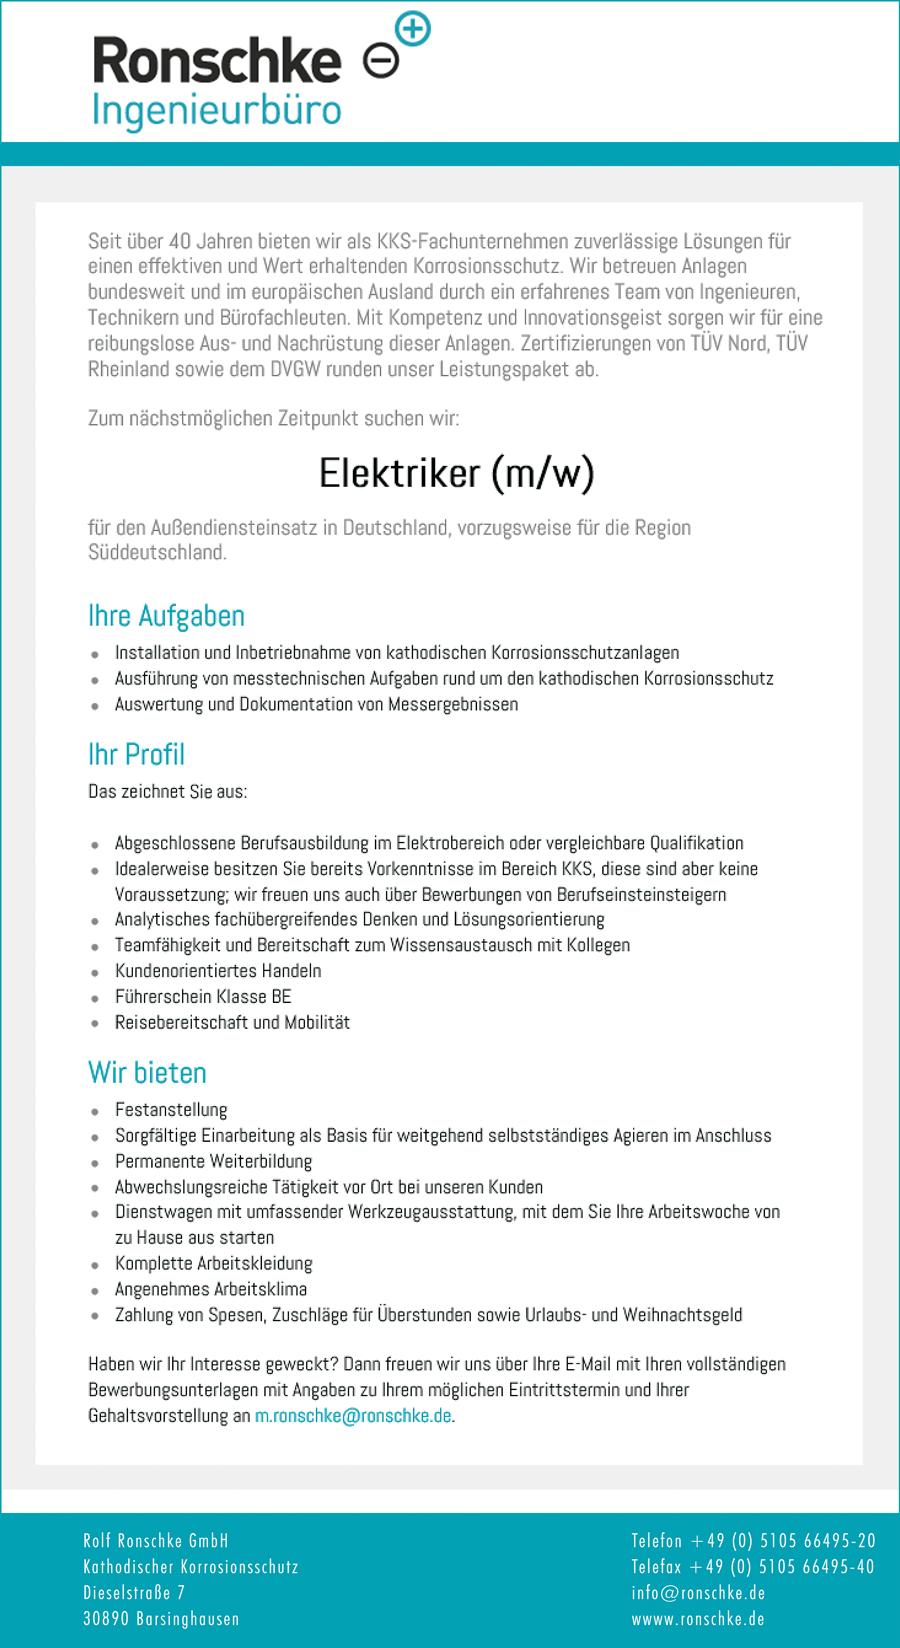 Elektriker m/w für den Einsatz im Außendienst / vorzugsweise für den Raum Süddeutschland - Rolf Ronschke GmbH - in Barsinghausen - stellenecho.de